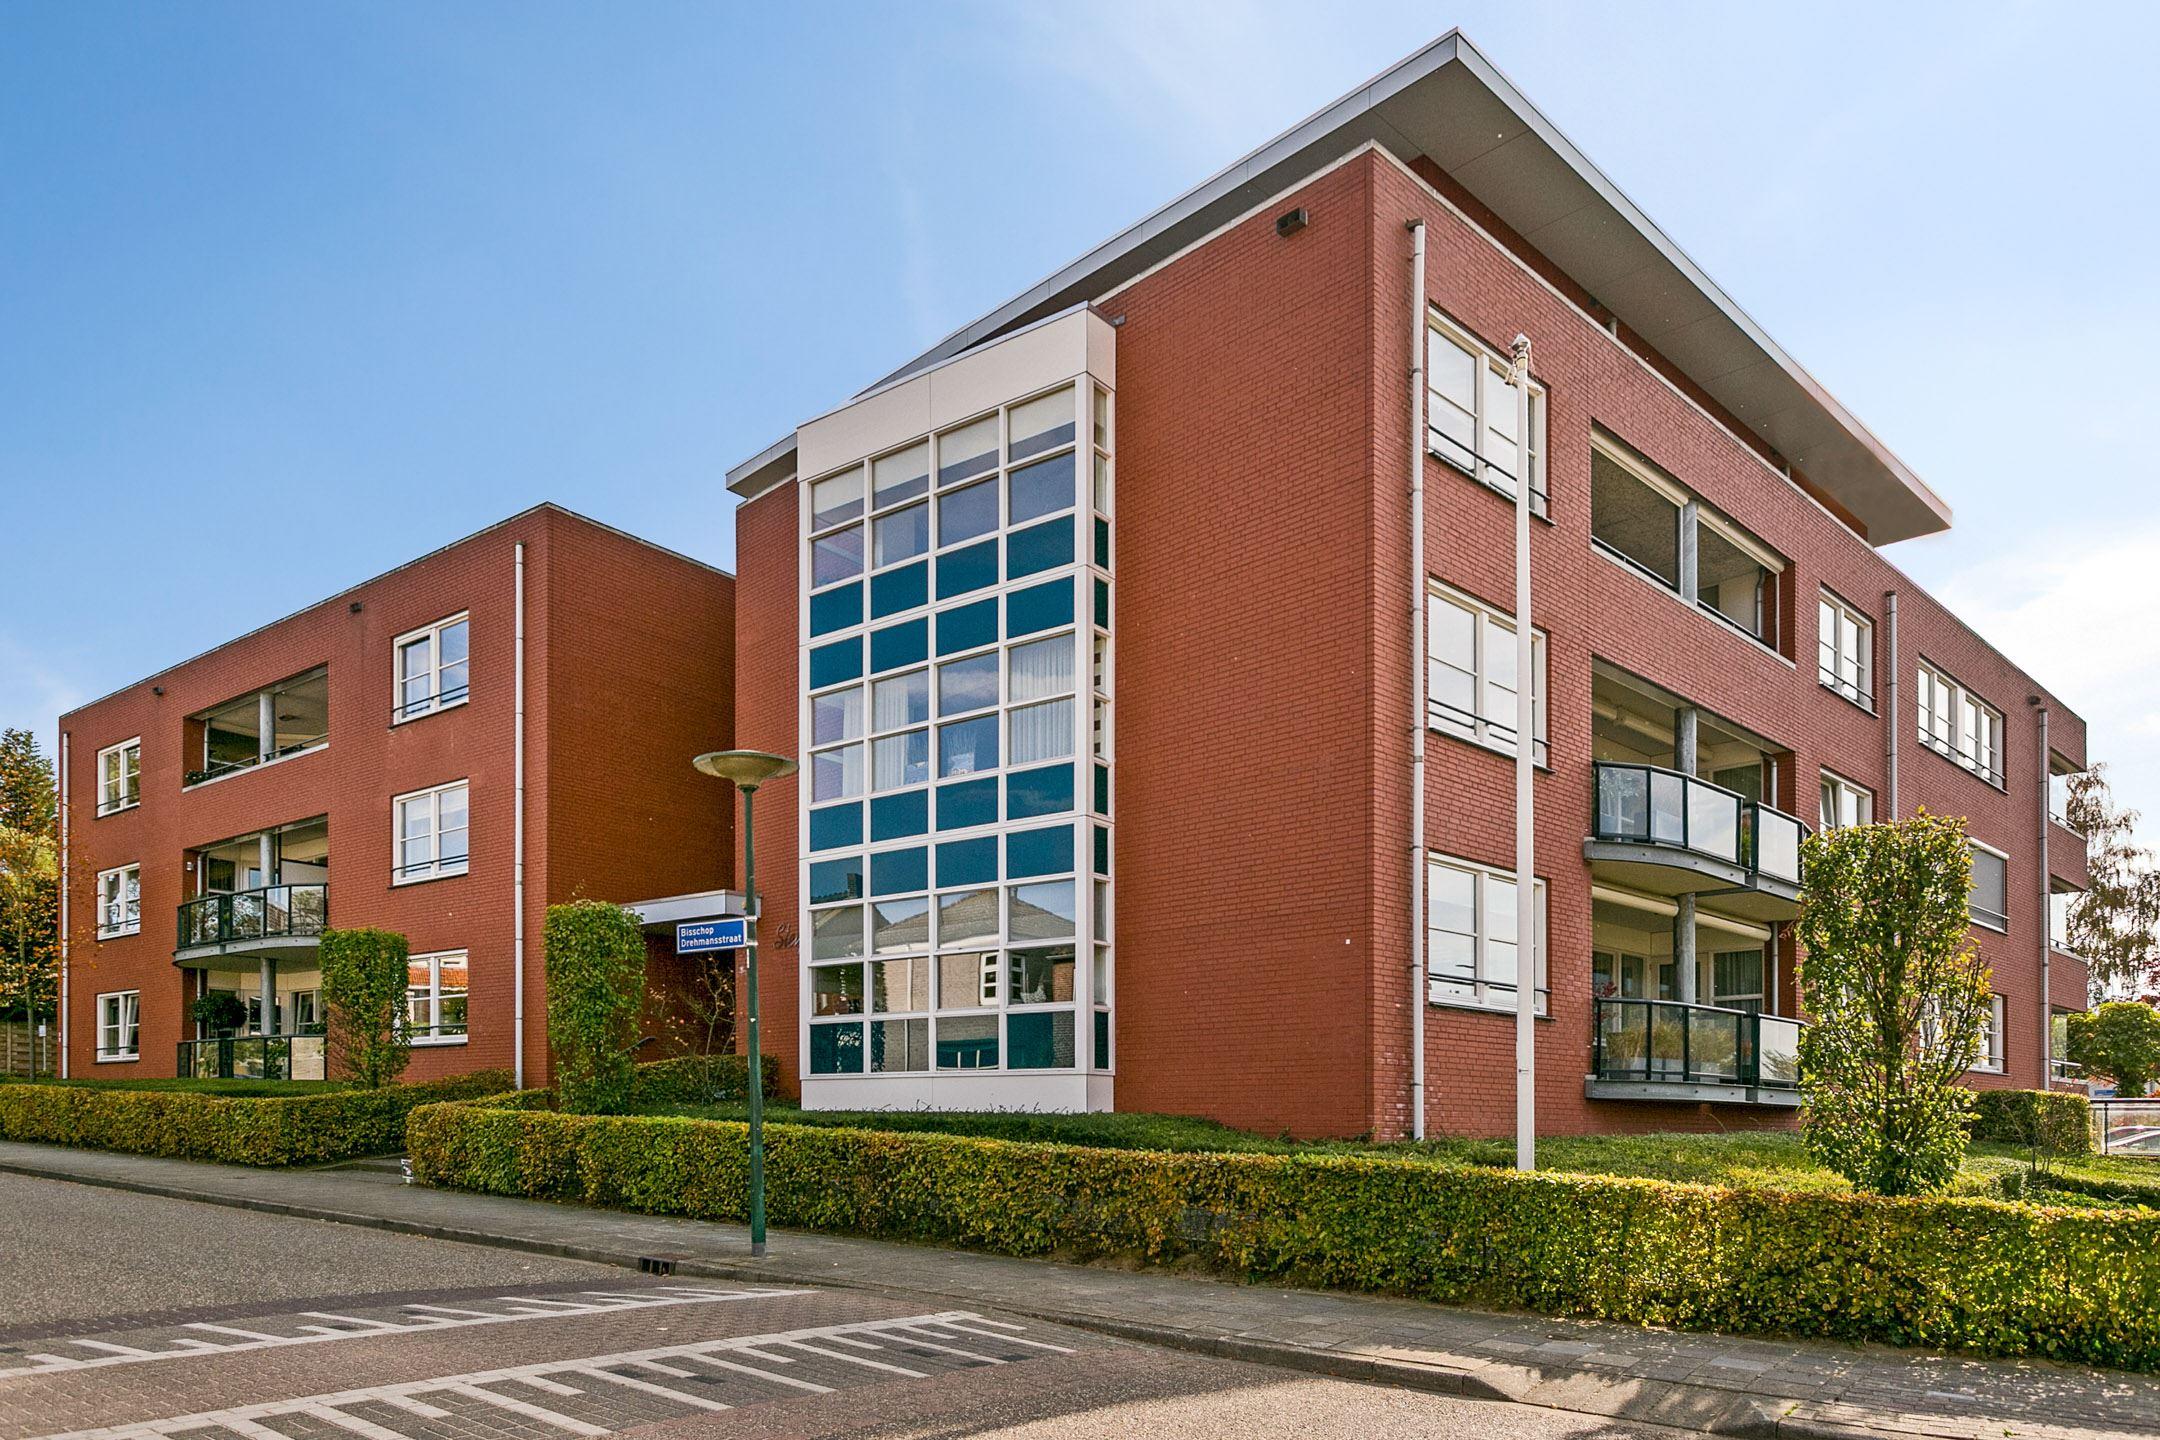 Uniek Keukens Roermond : Appartement te koop bisschop drehmansstraat xd roermond